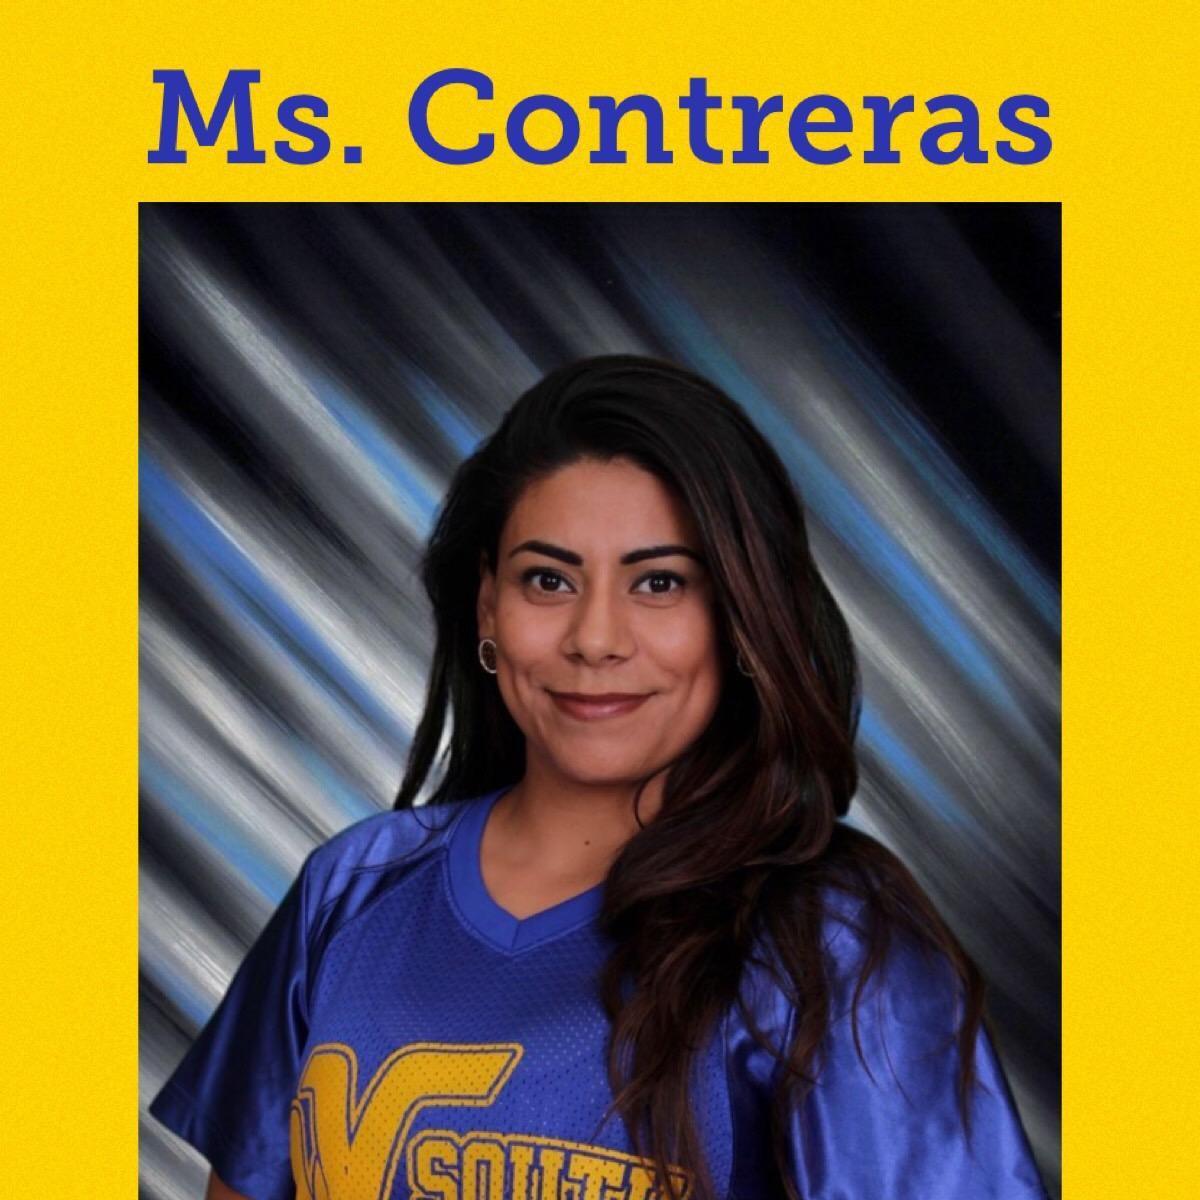 Nora Contreras's Profile Photo